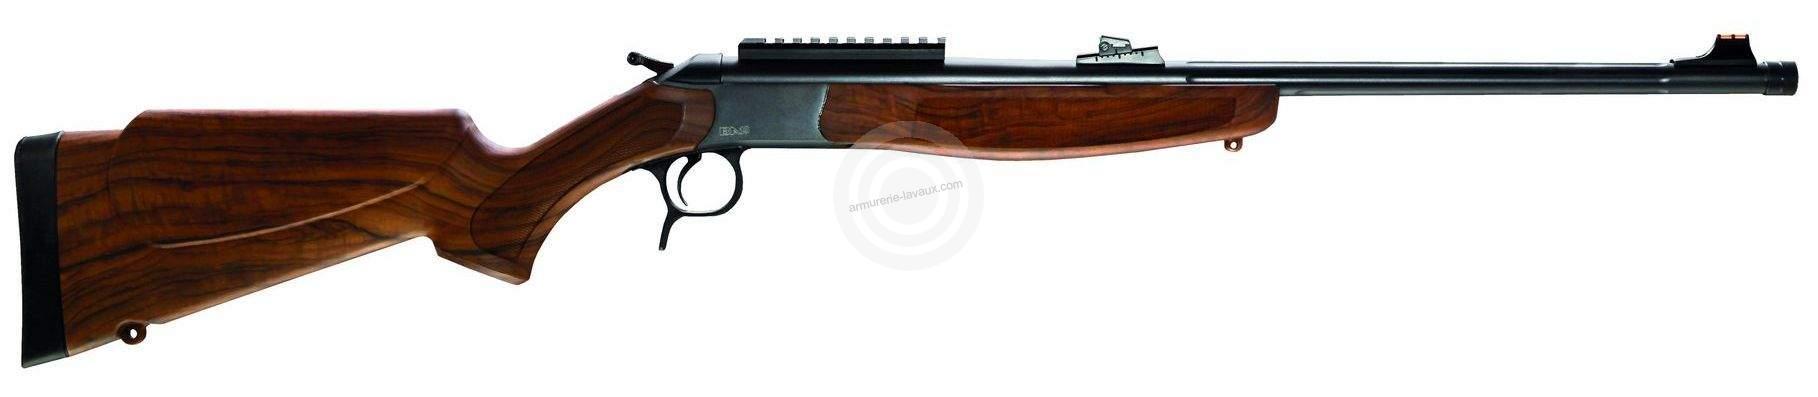 Carabine BERGARA SCOUT DK4 BOIS cal.243 Win (canon 58cm)